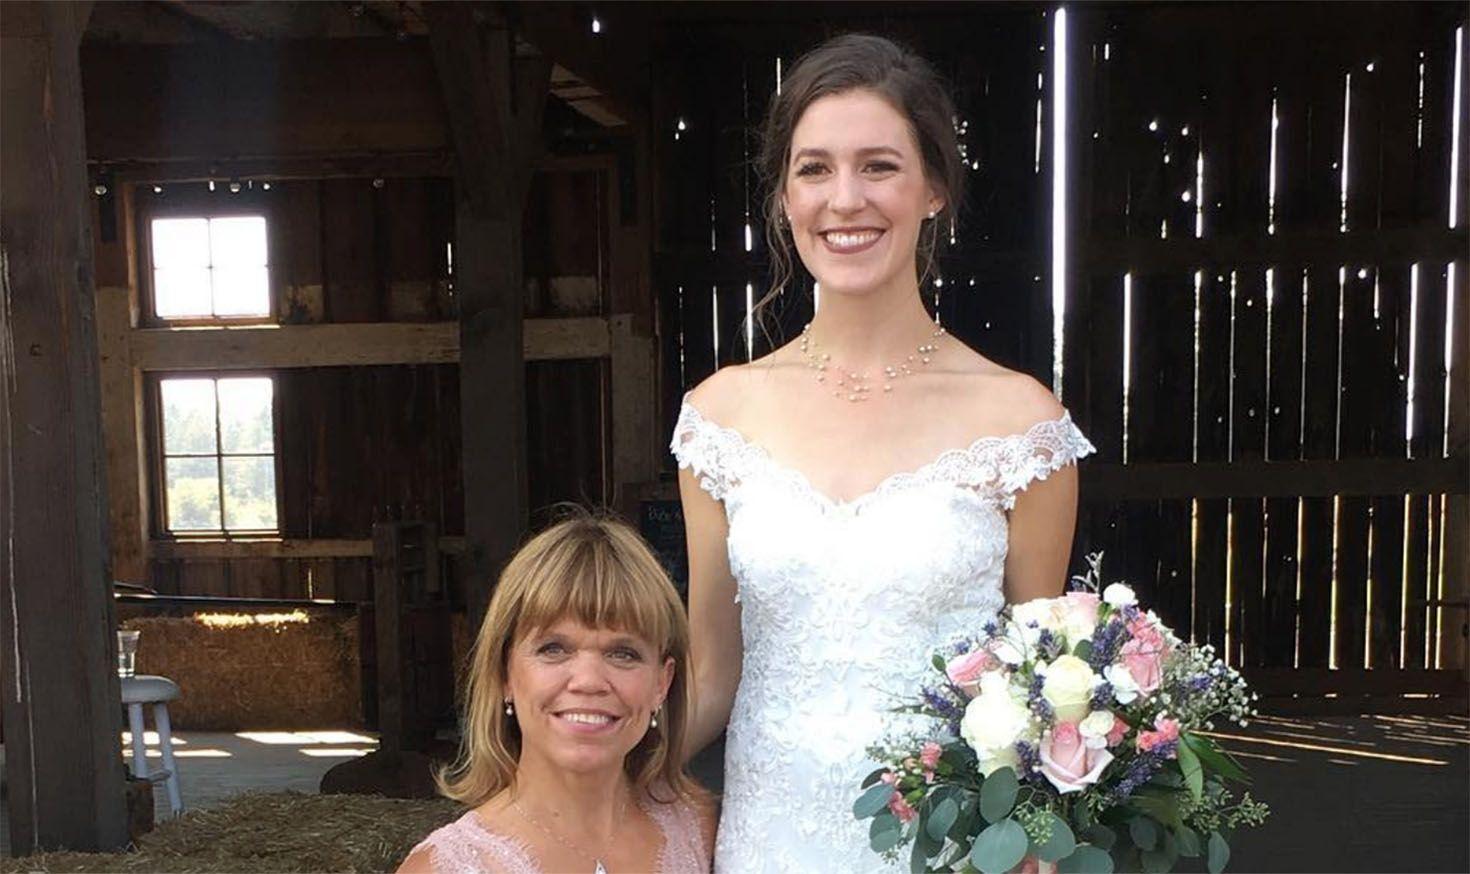 Molly Roloff getting marriedd